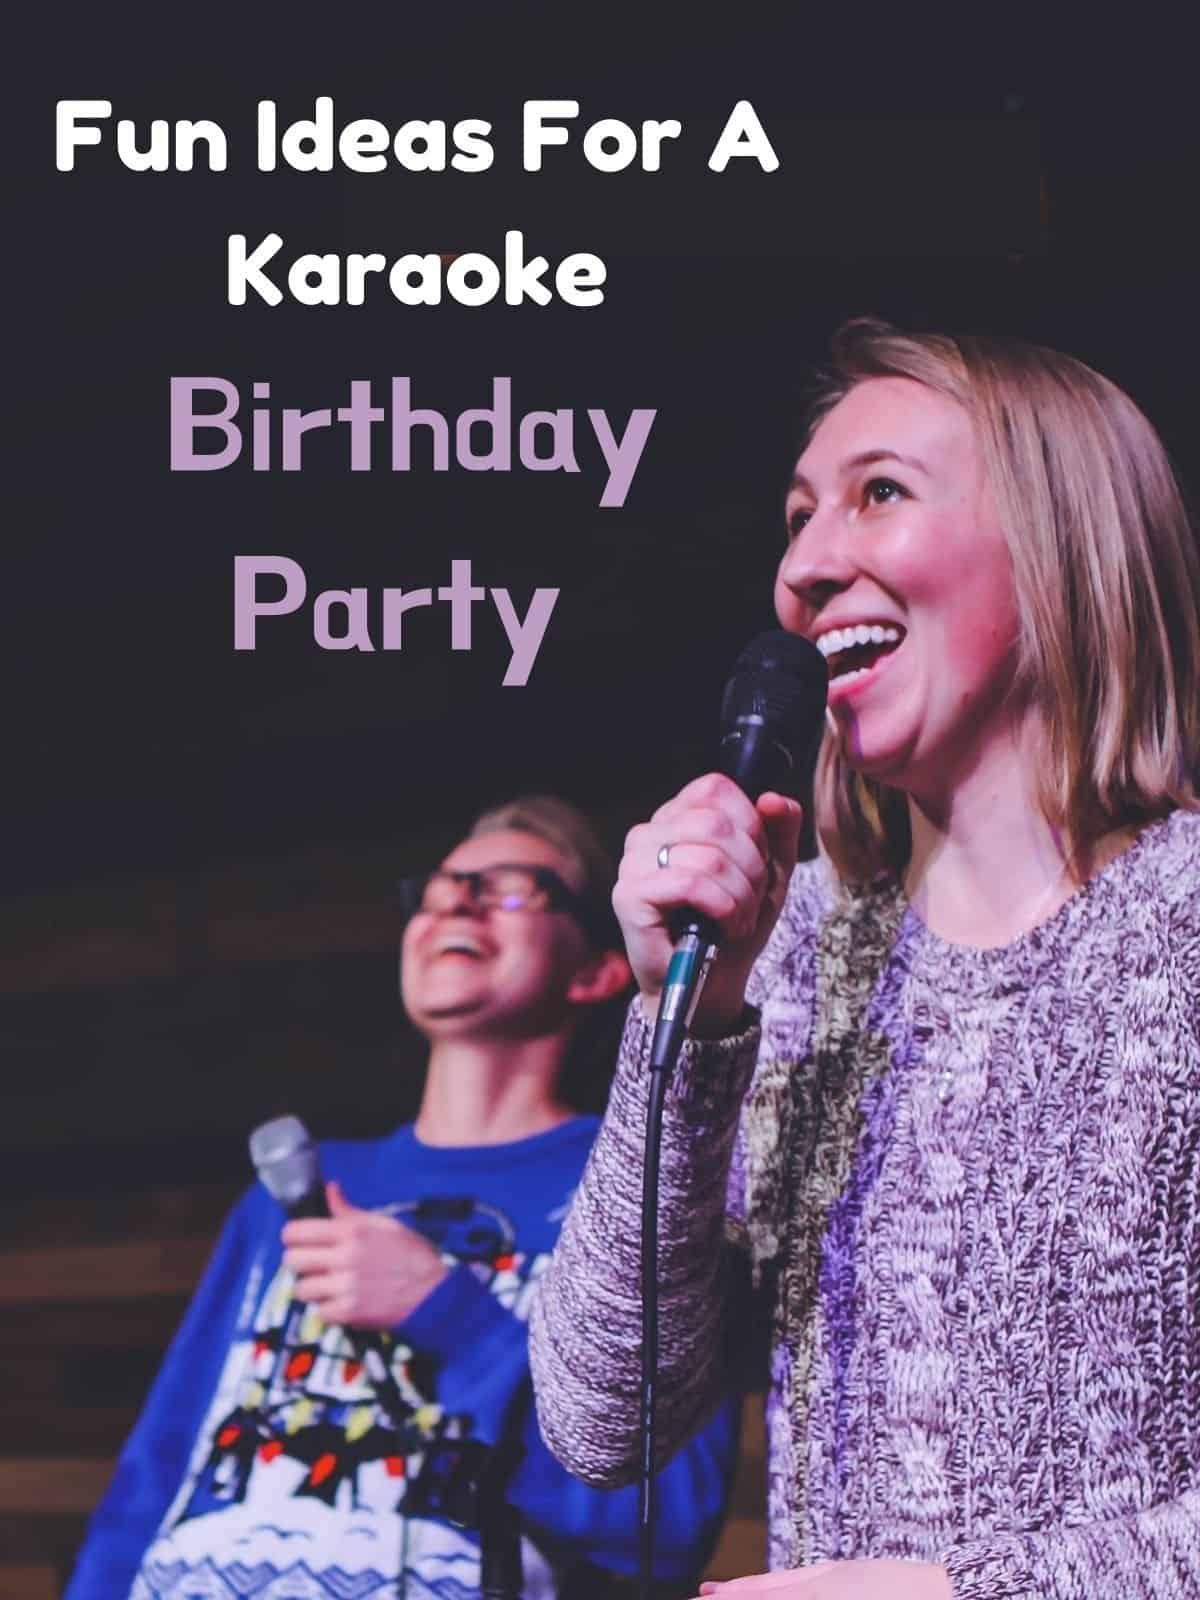 lady signing karaoke